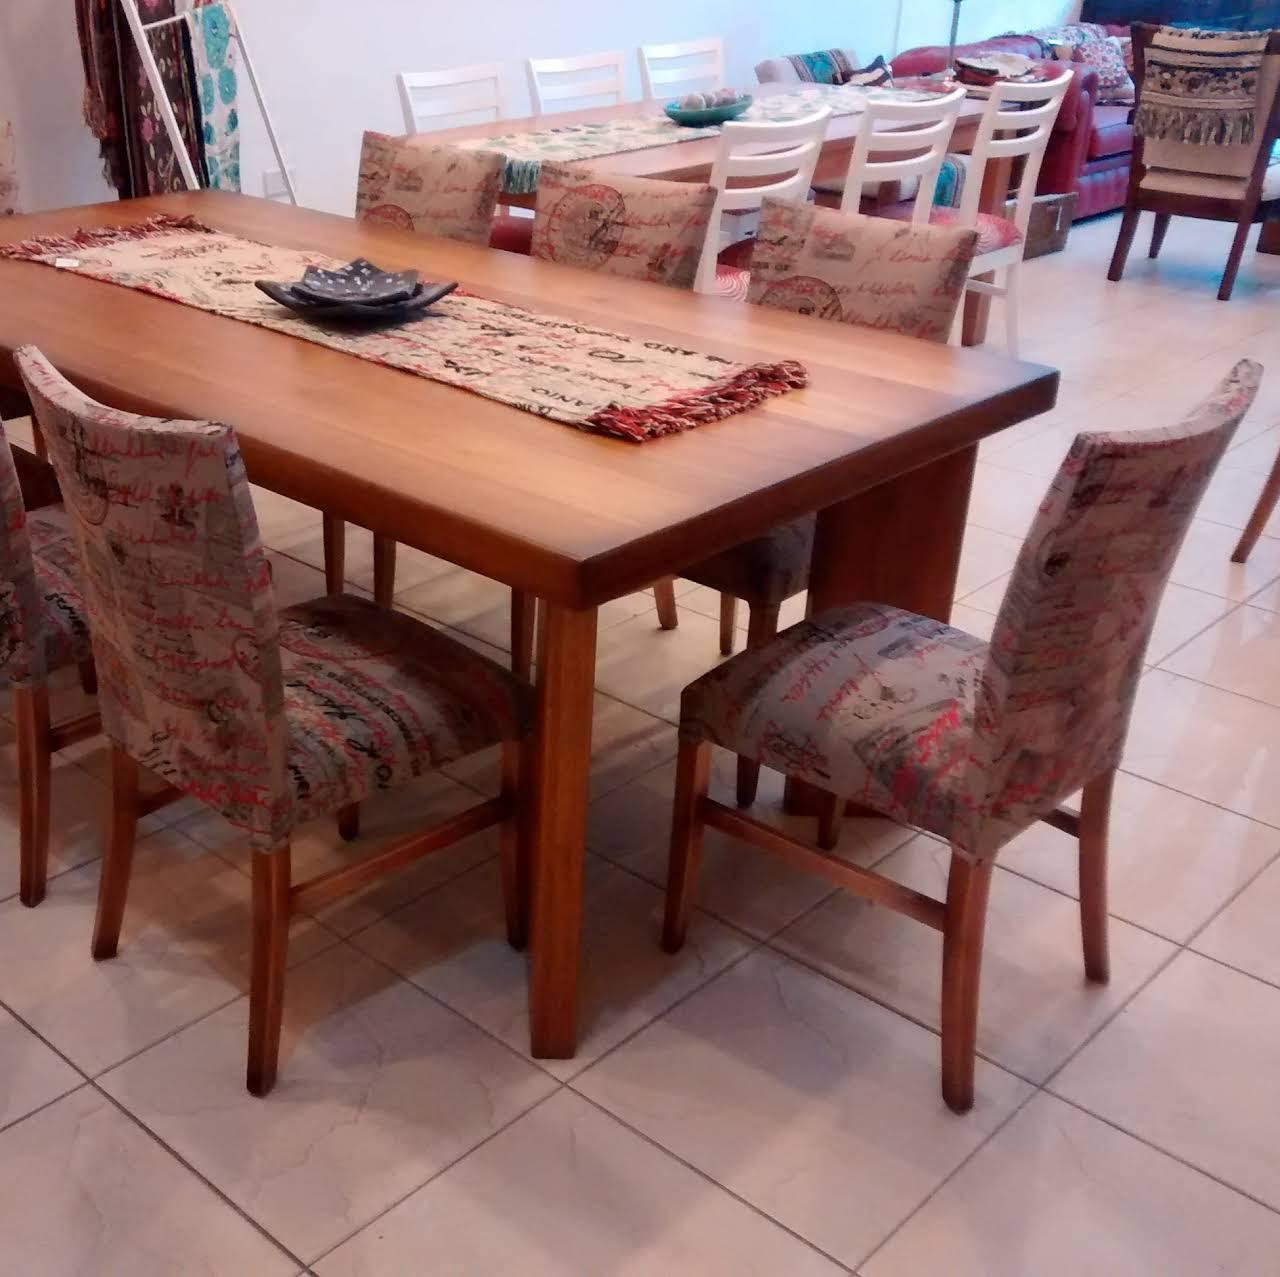 Ivope Muebles Tienda De Muebles En Santa Fe # Muebles Santa Fe